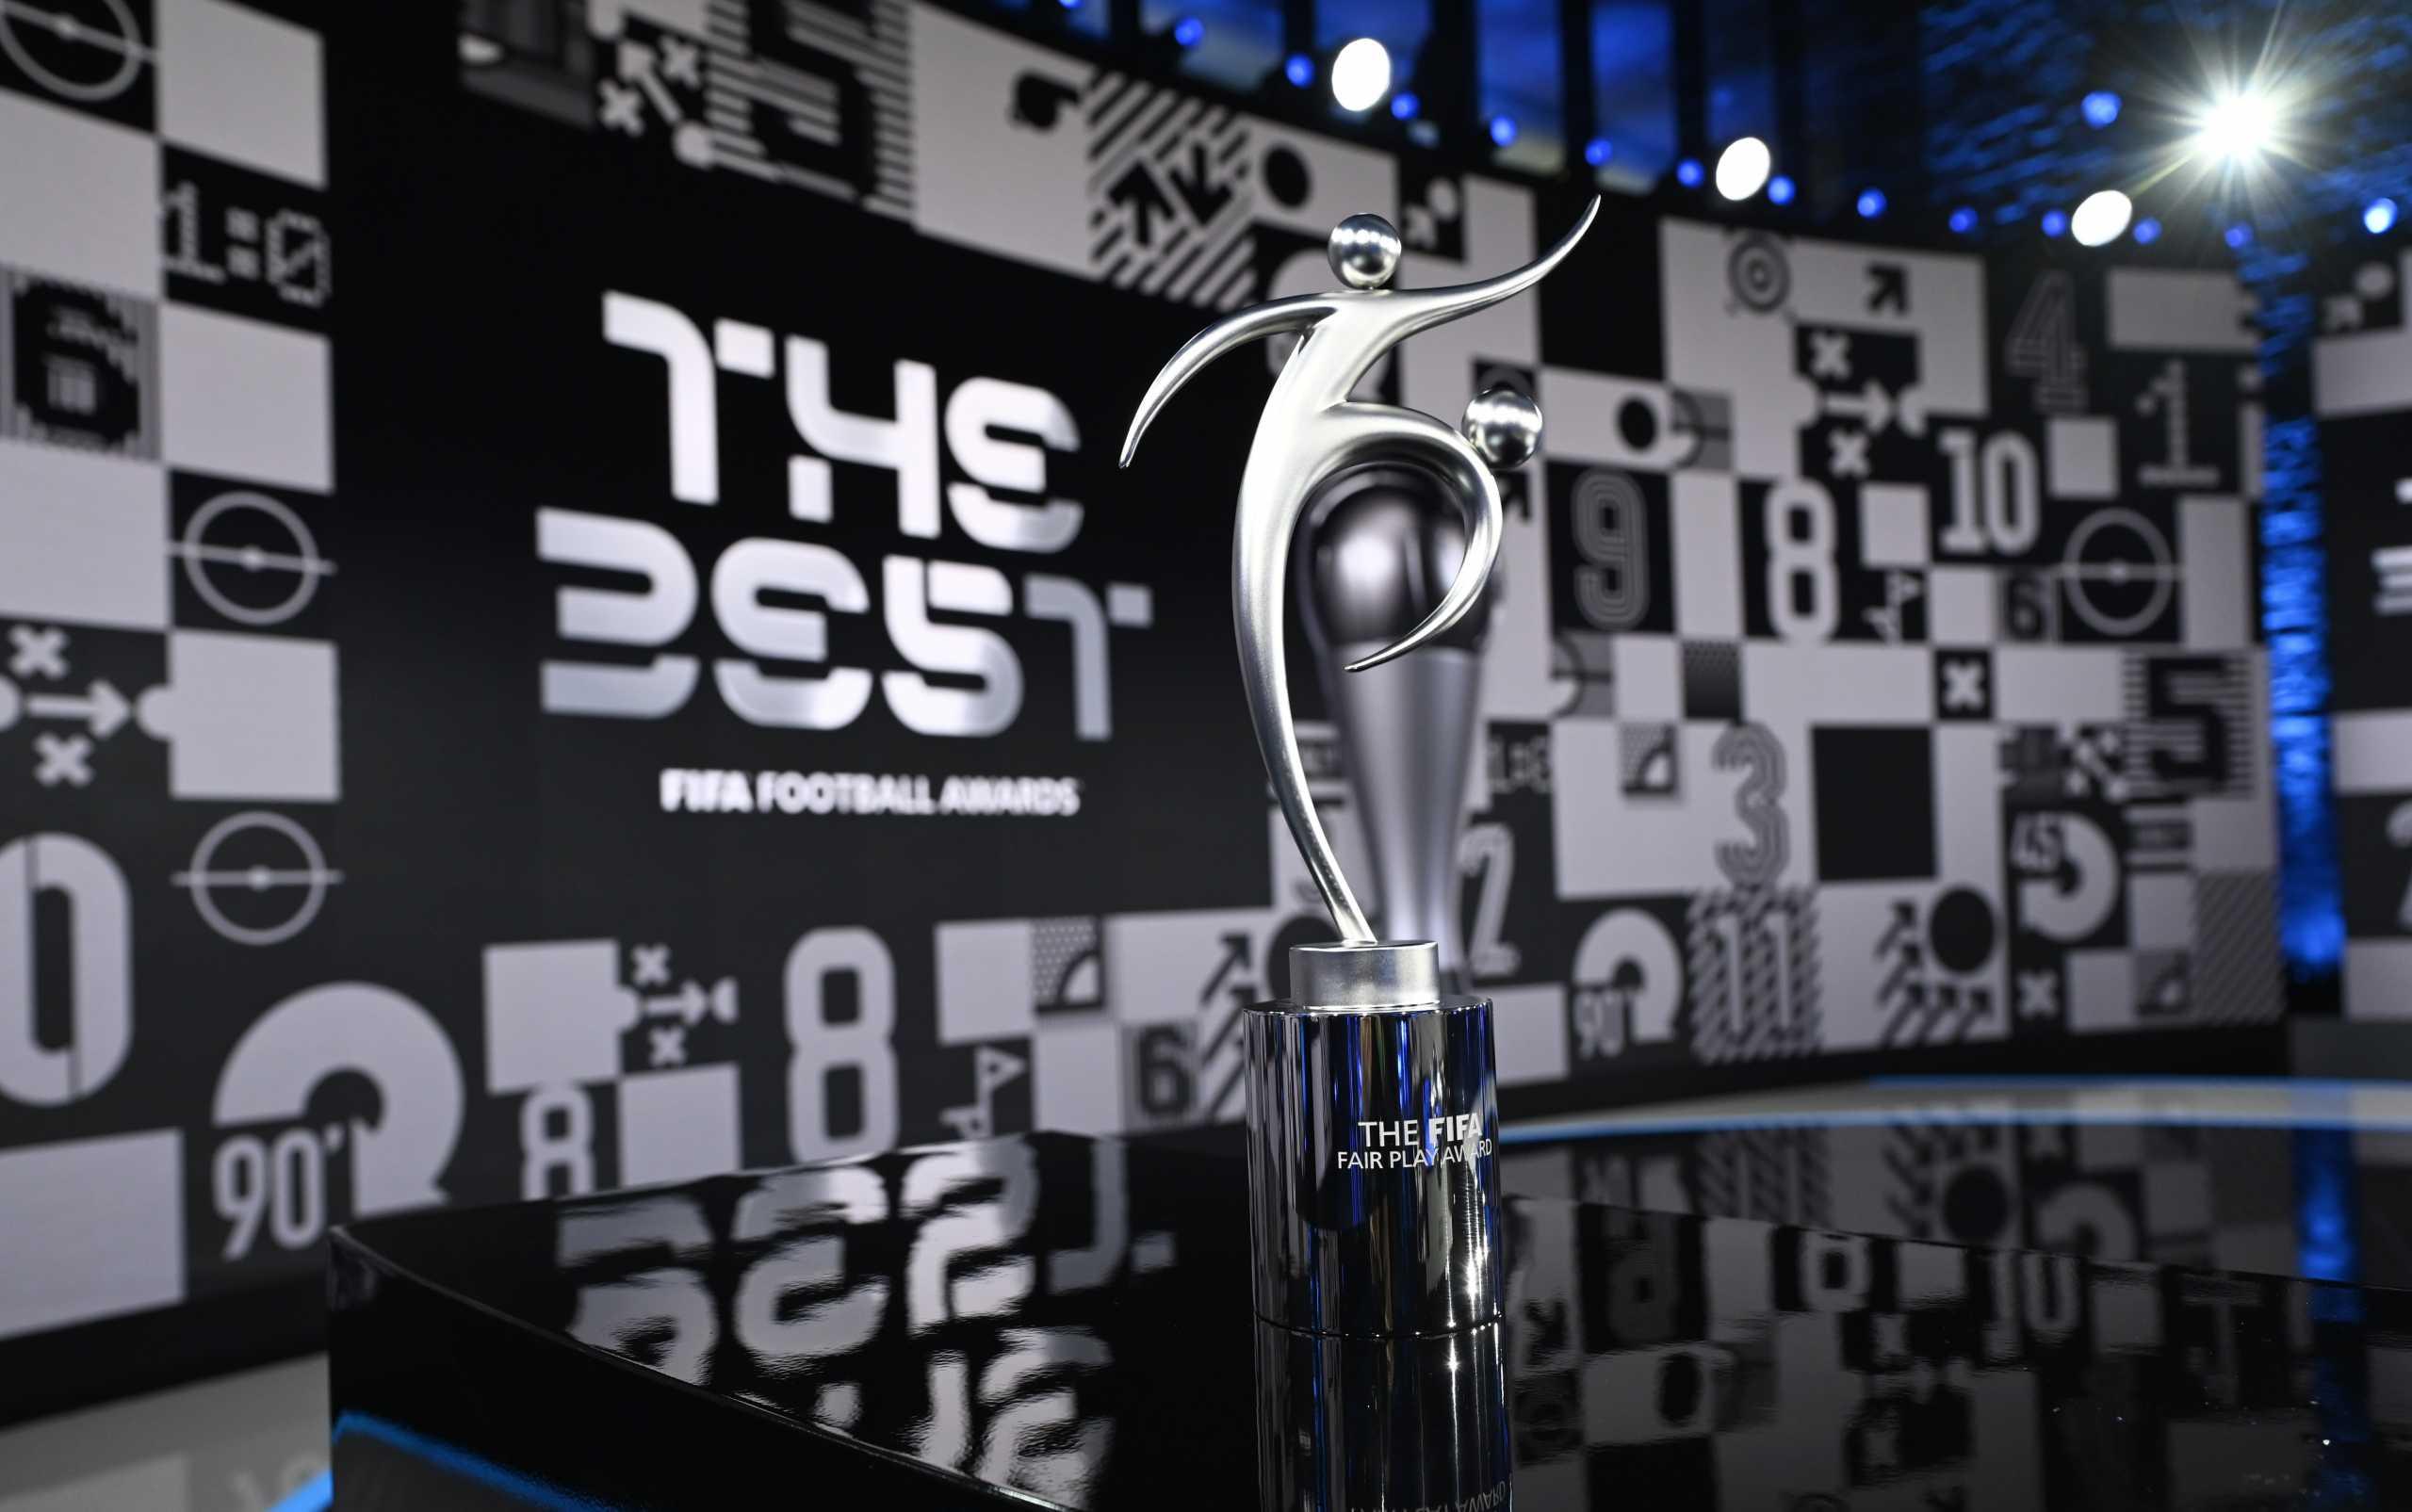 Βραβεία FIFA: Κορυφαίοι για το 2020 Λεβαντόφσκι, Νόιερ και Κλοπ – Καλύτερο γκολ ο Σον